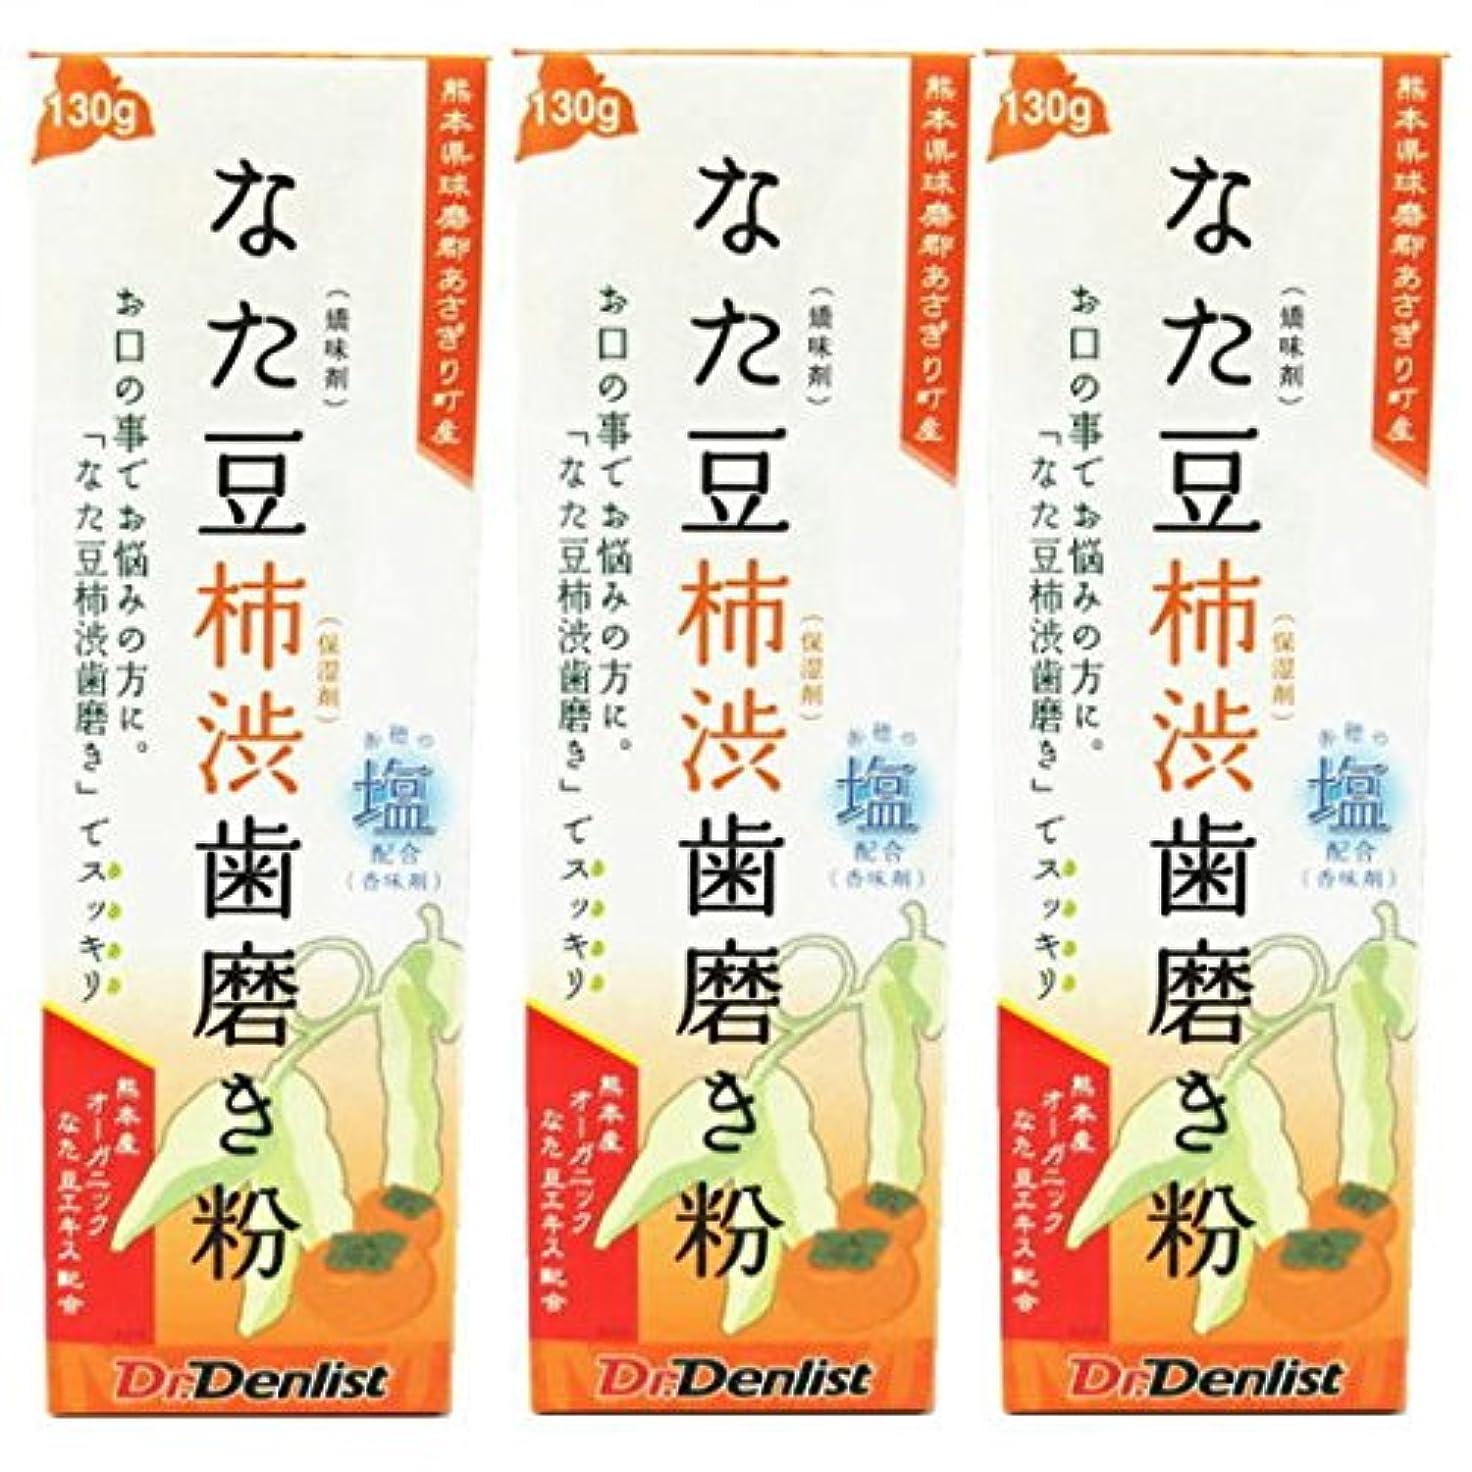 マキシム誇張パドルなた豆柿渋歯磨き 130g 3個セット 国産 有機なた豆使用 赤穂の塩配合(香味剤)